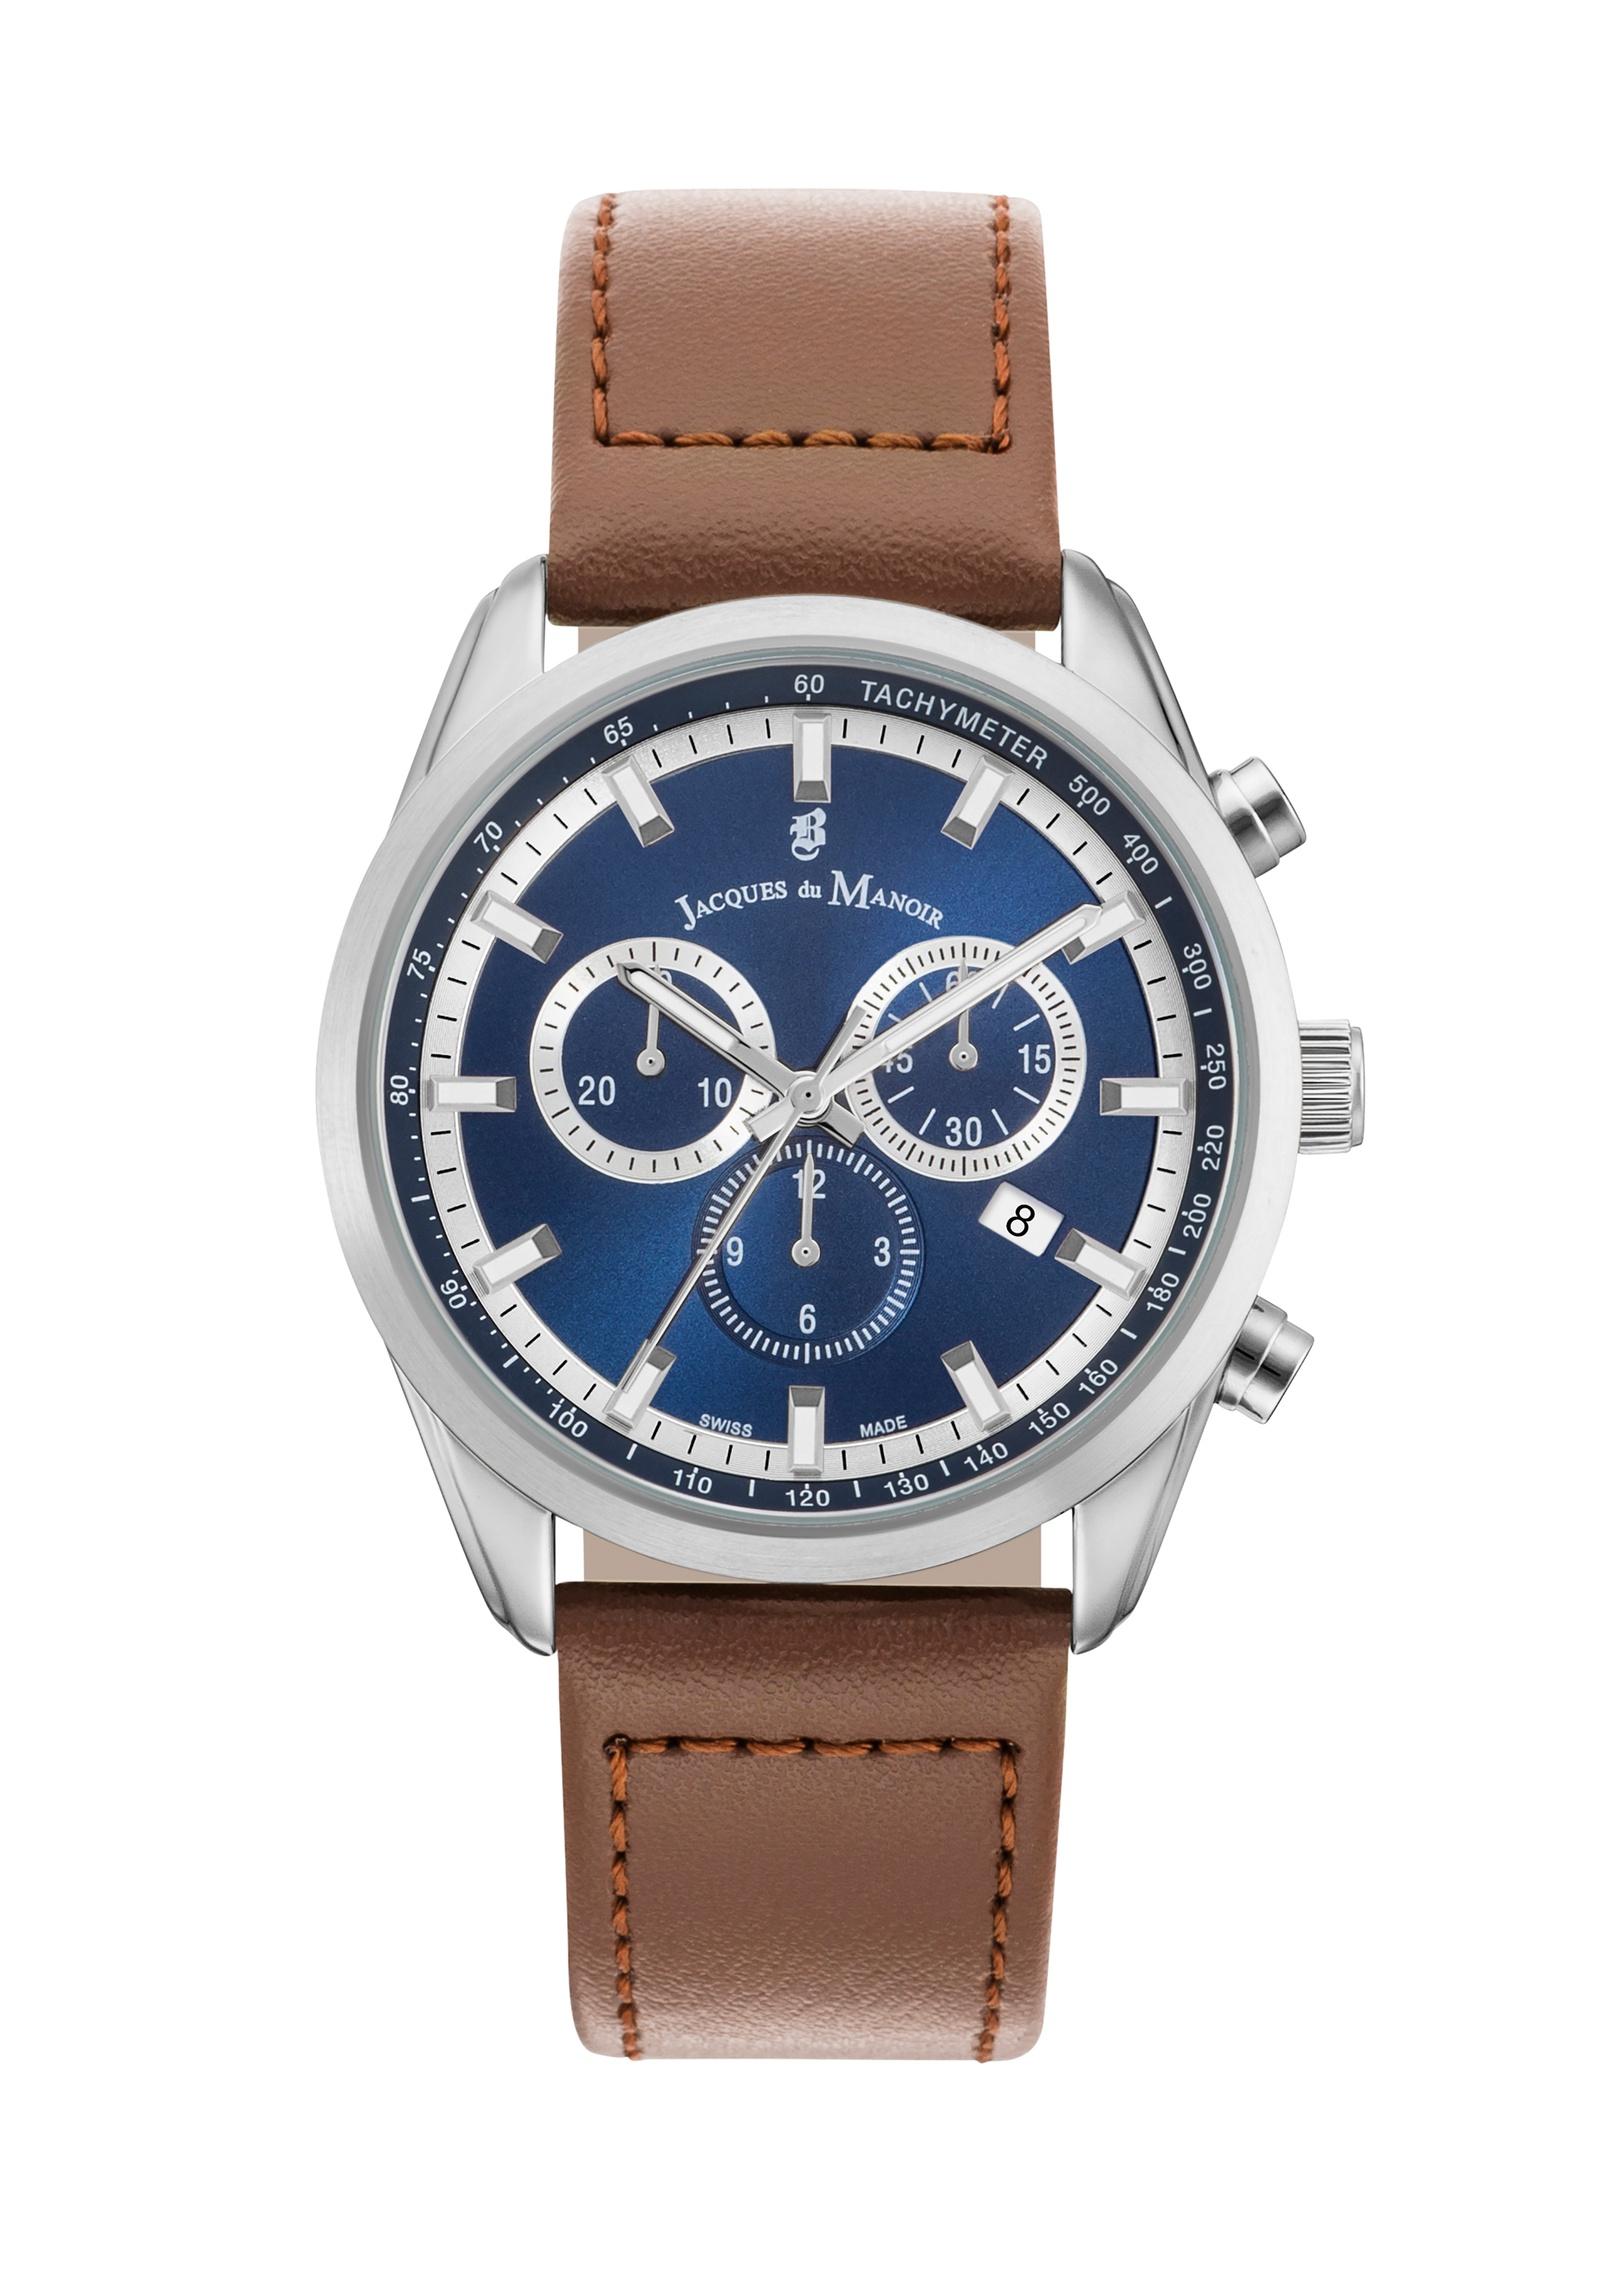 Наручные часы Jacques Du Manoir, Jacques du Manoir, Jacques du Manoir AP.03 все цены